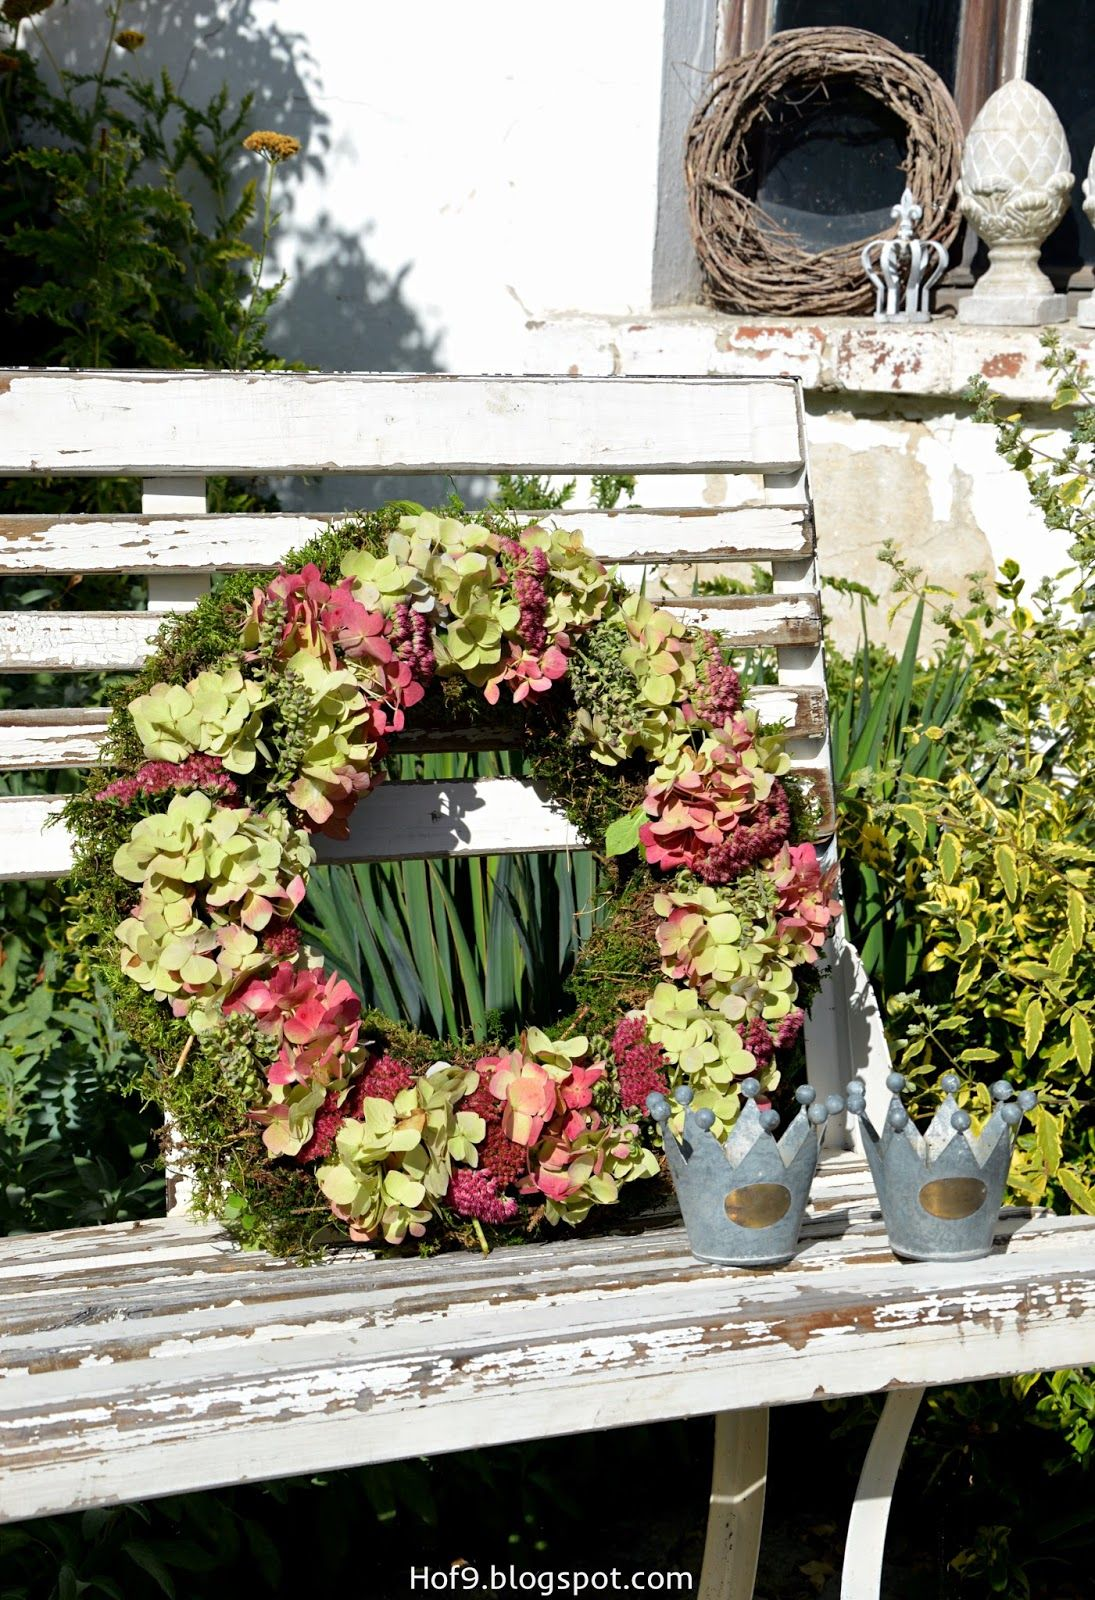 kranz mit hortensien binden hortensienkranz dekoration mit hortensien blog. Black Bedroom Furniture Sets. Home Design Ideas